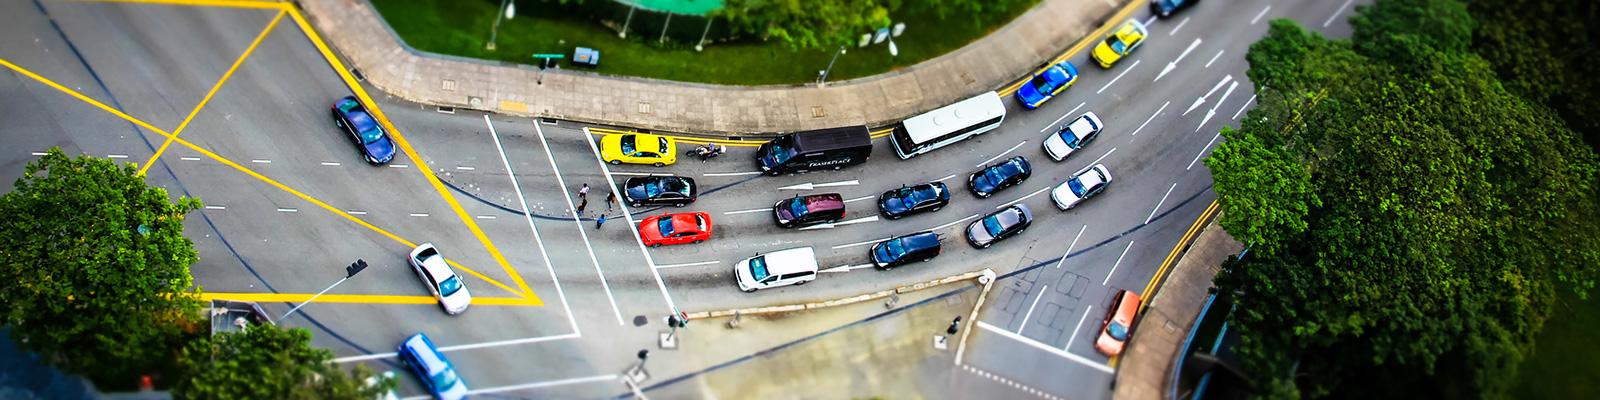 自動車 交通 イメージ